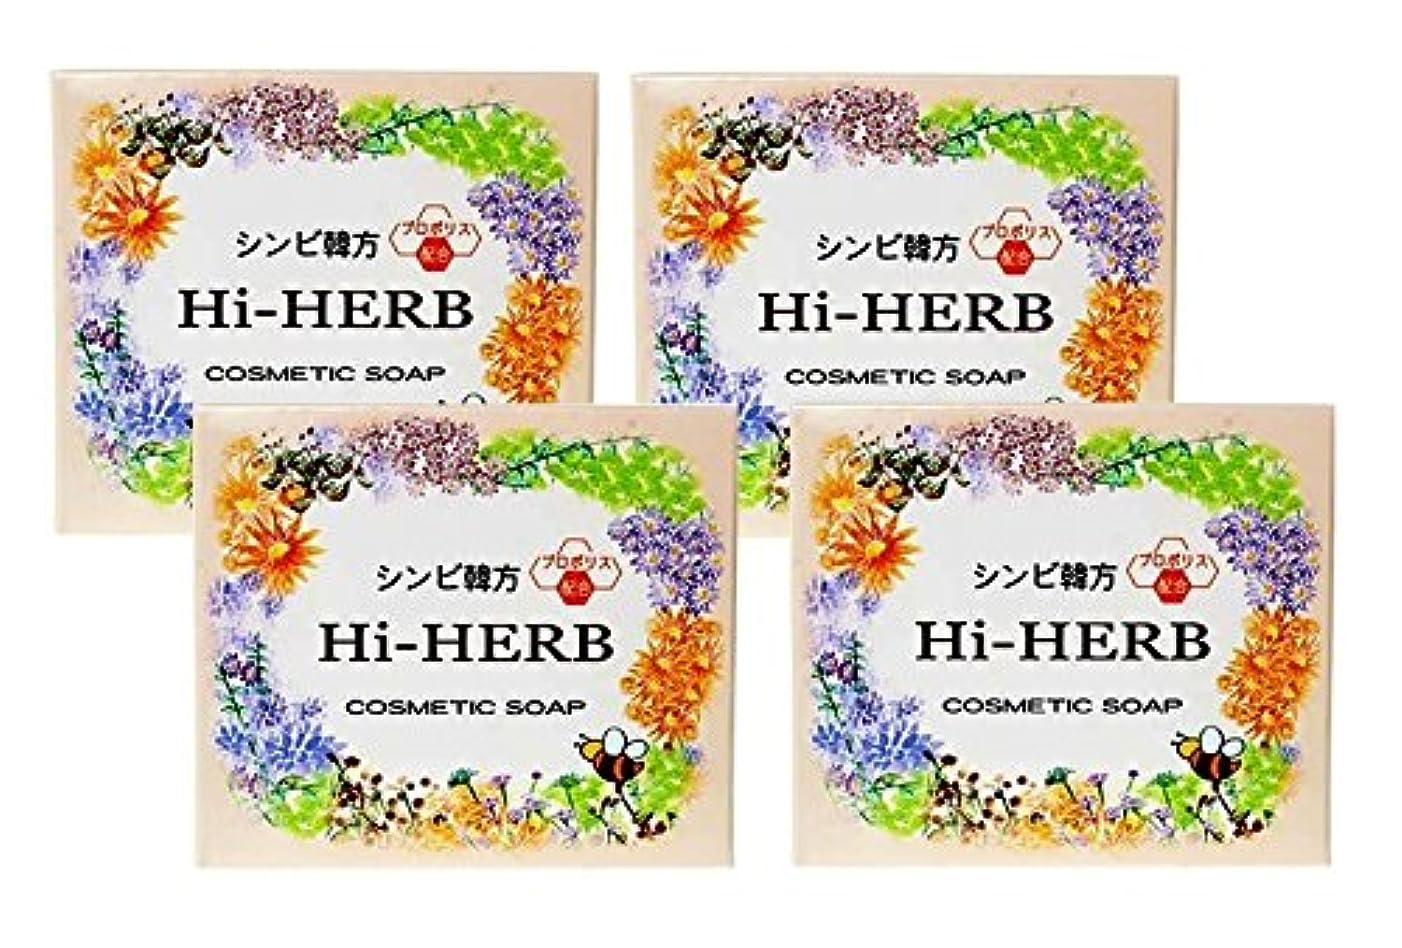 繰り返した寄付スコア【シンビ】韓方ハイハーブ石鹸 100g×4個セット